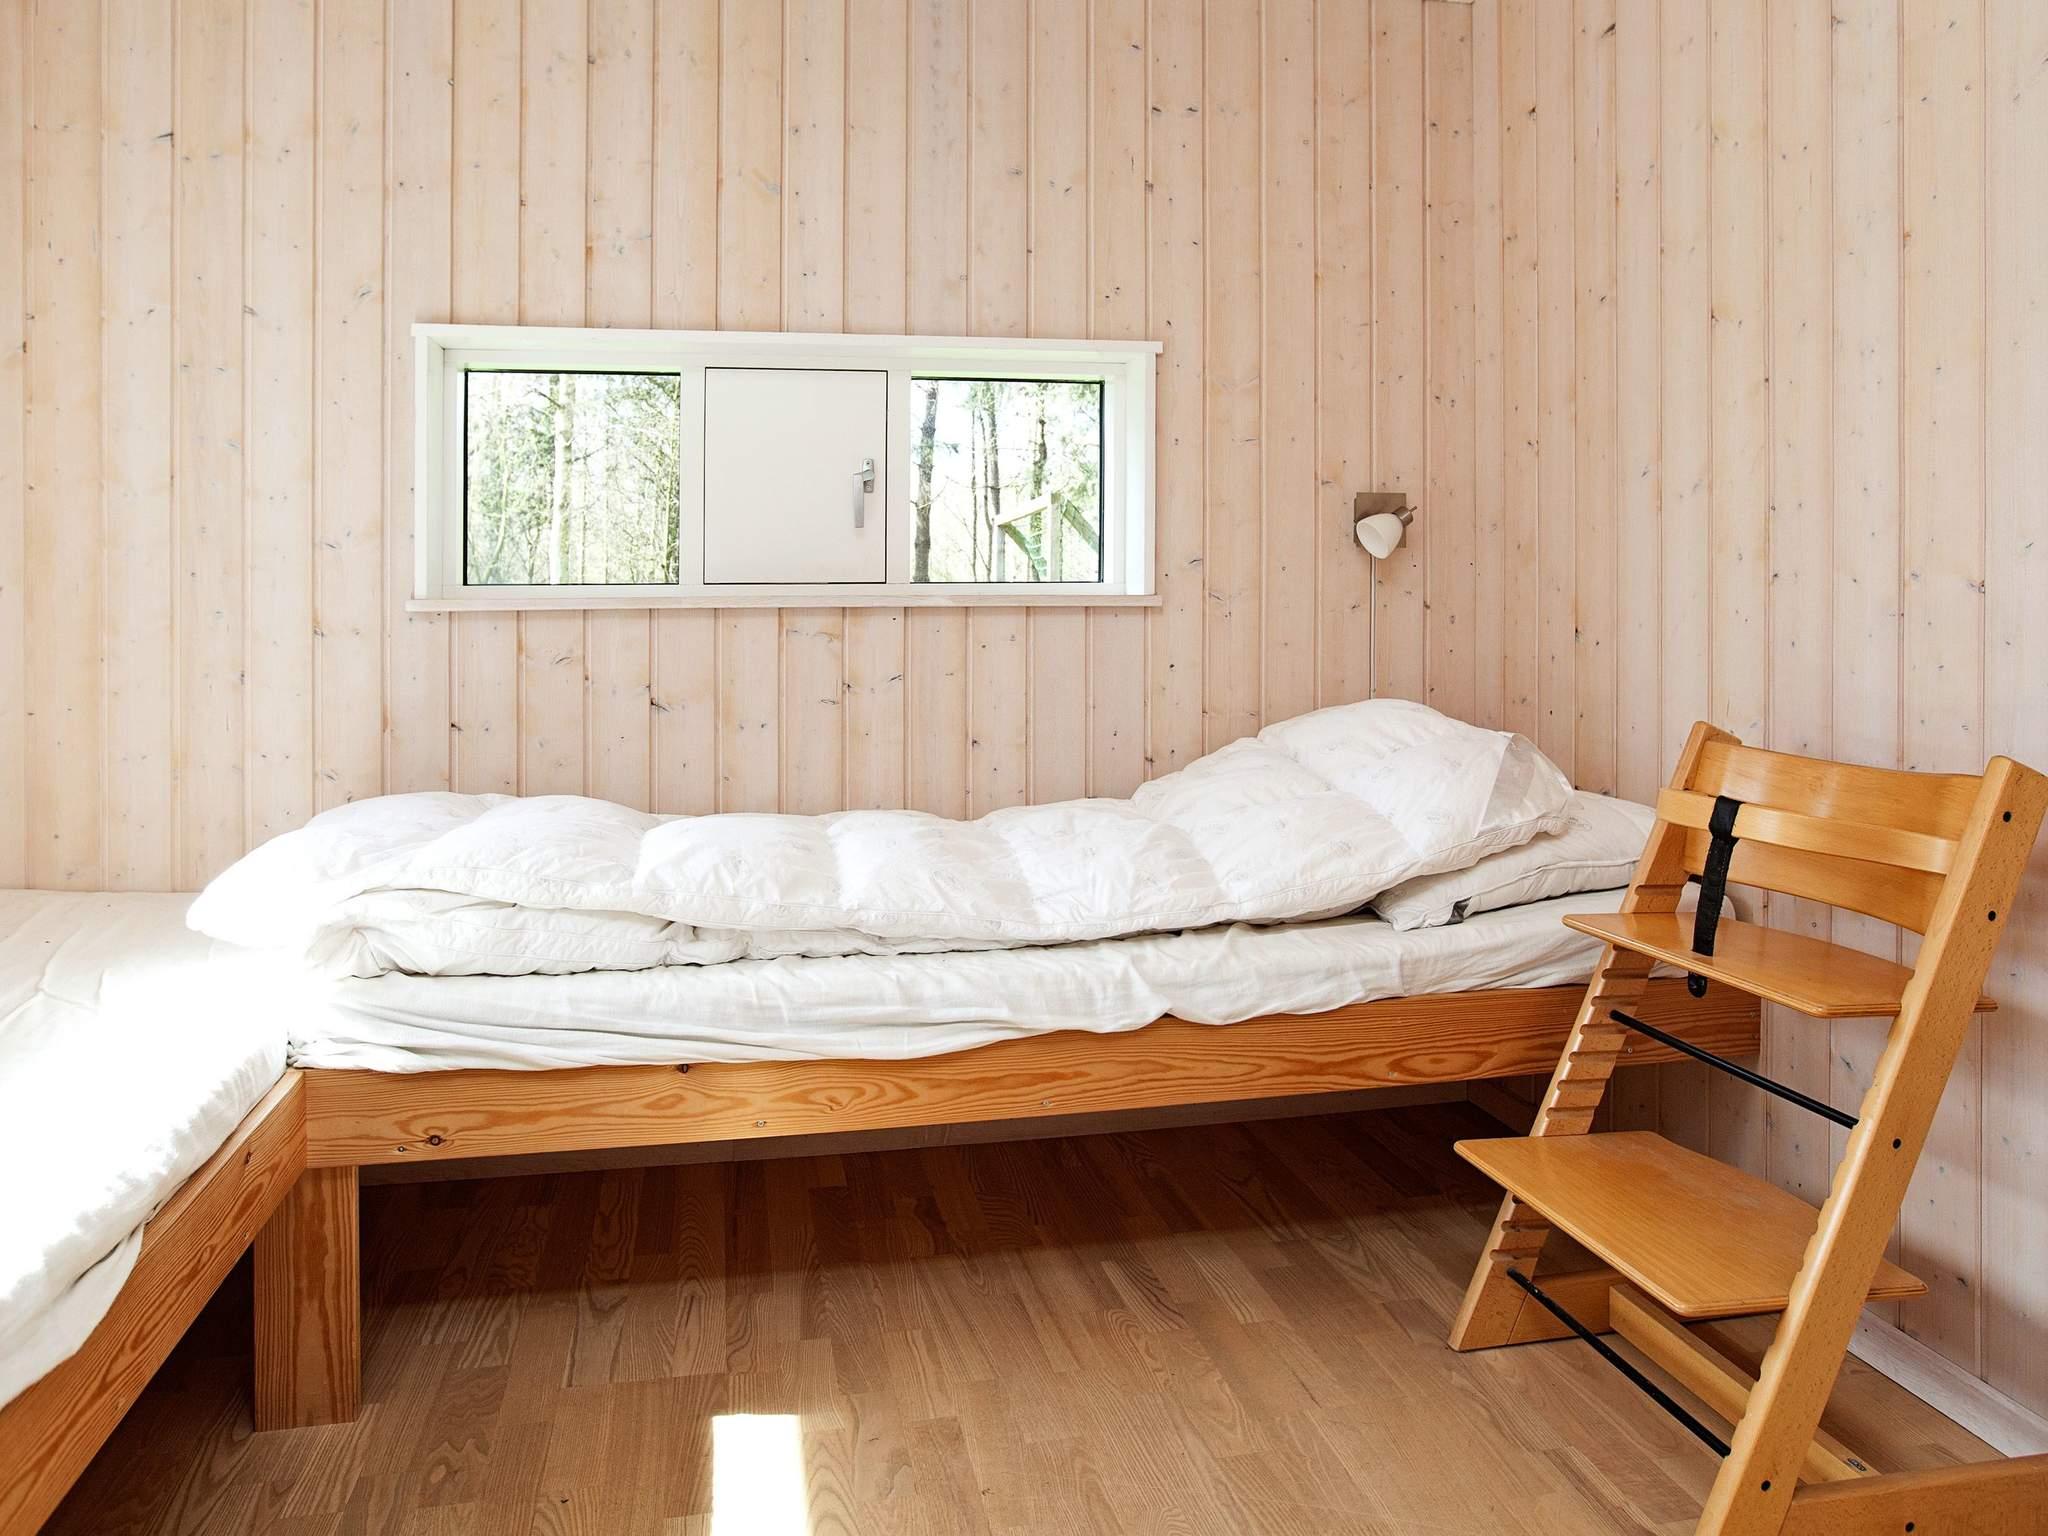 Ferienhaus Bjerge Strand (208413), Gørlev, , Westseeland, Dänemark, Bild 13